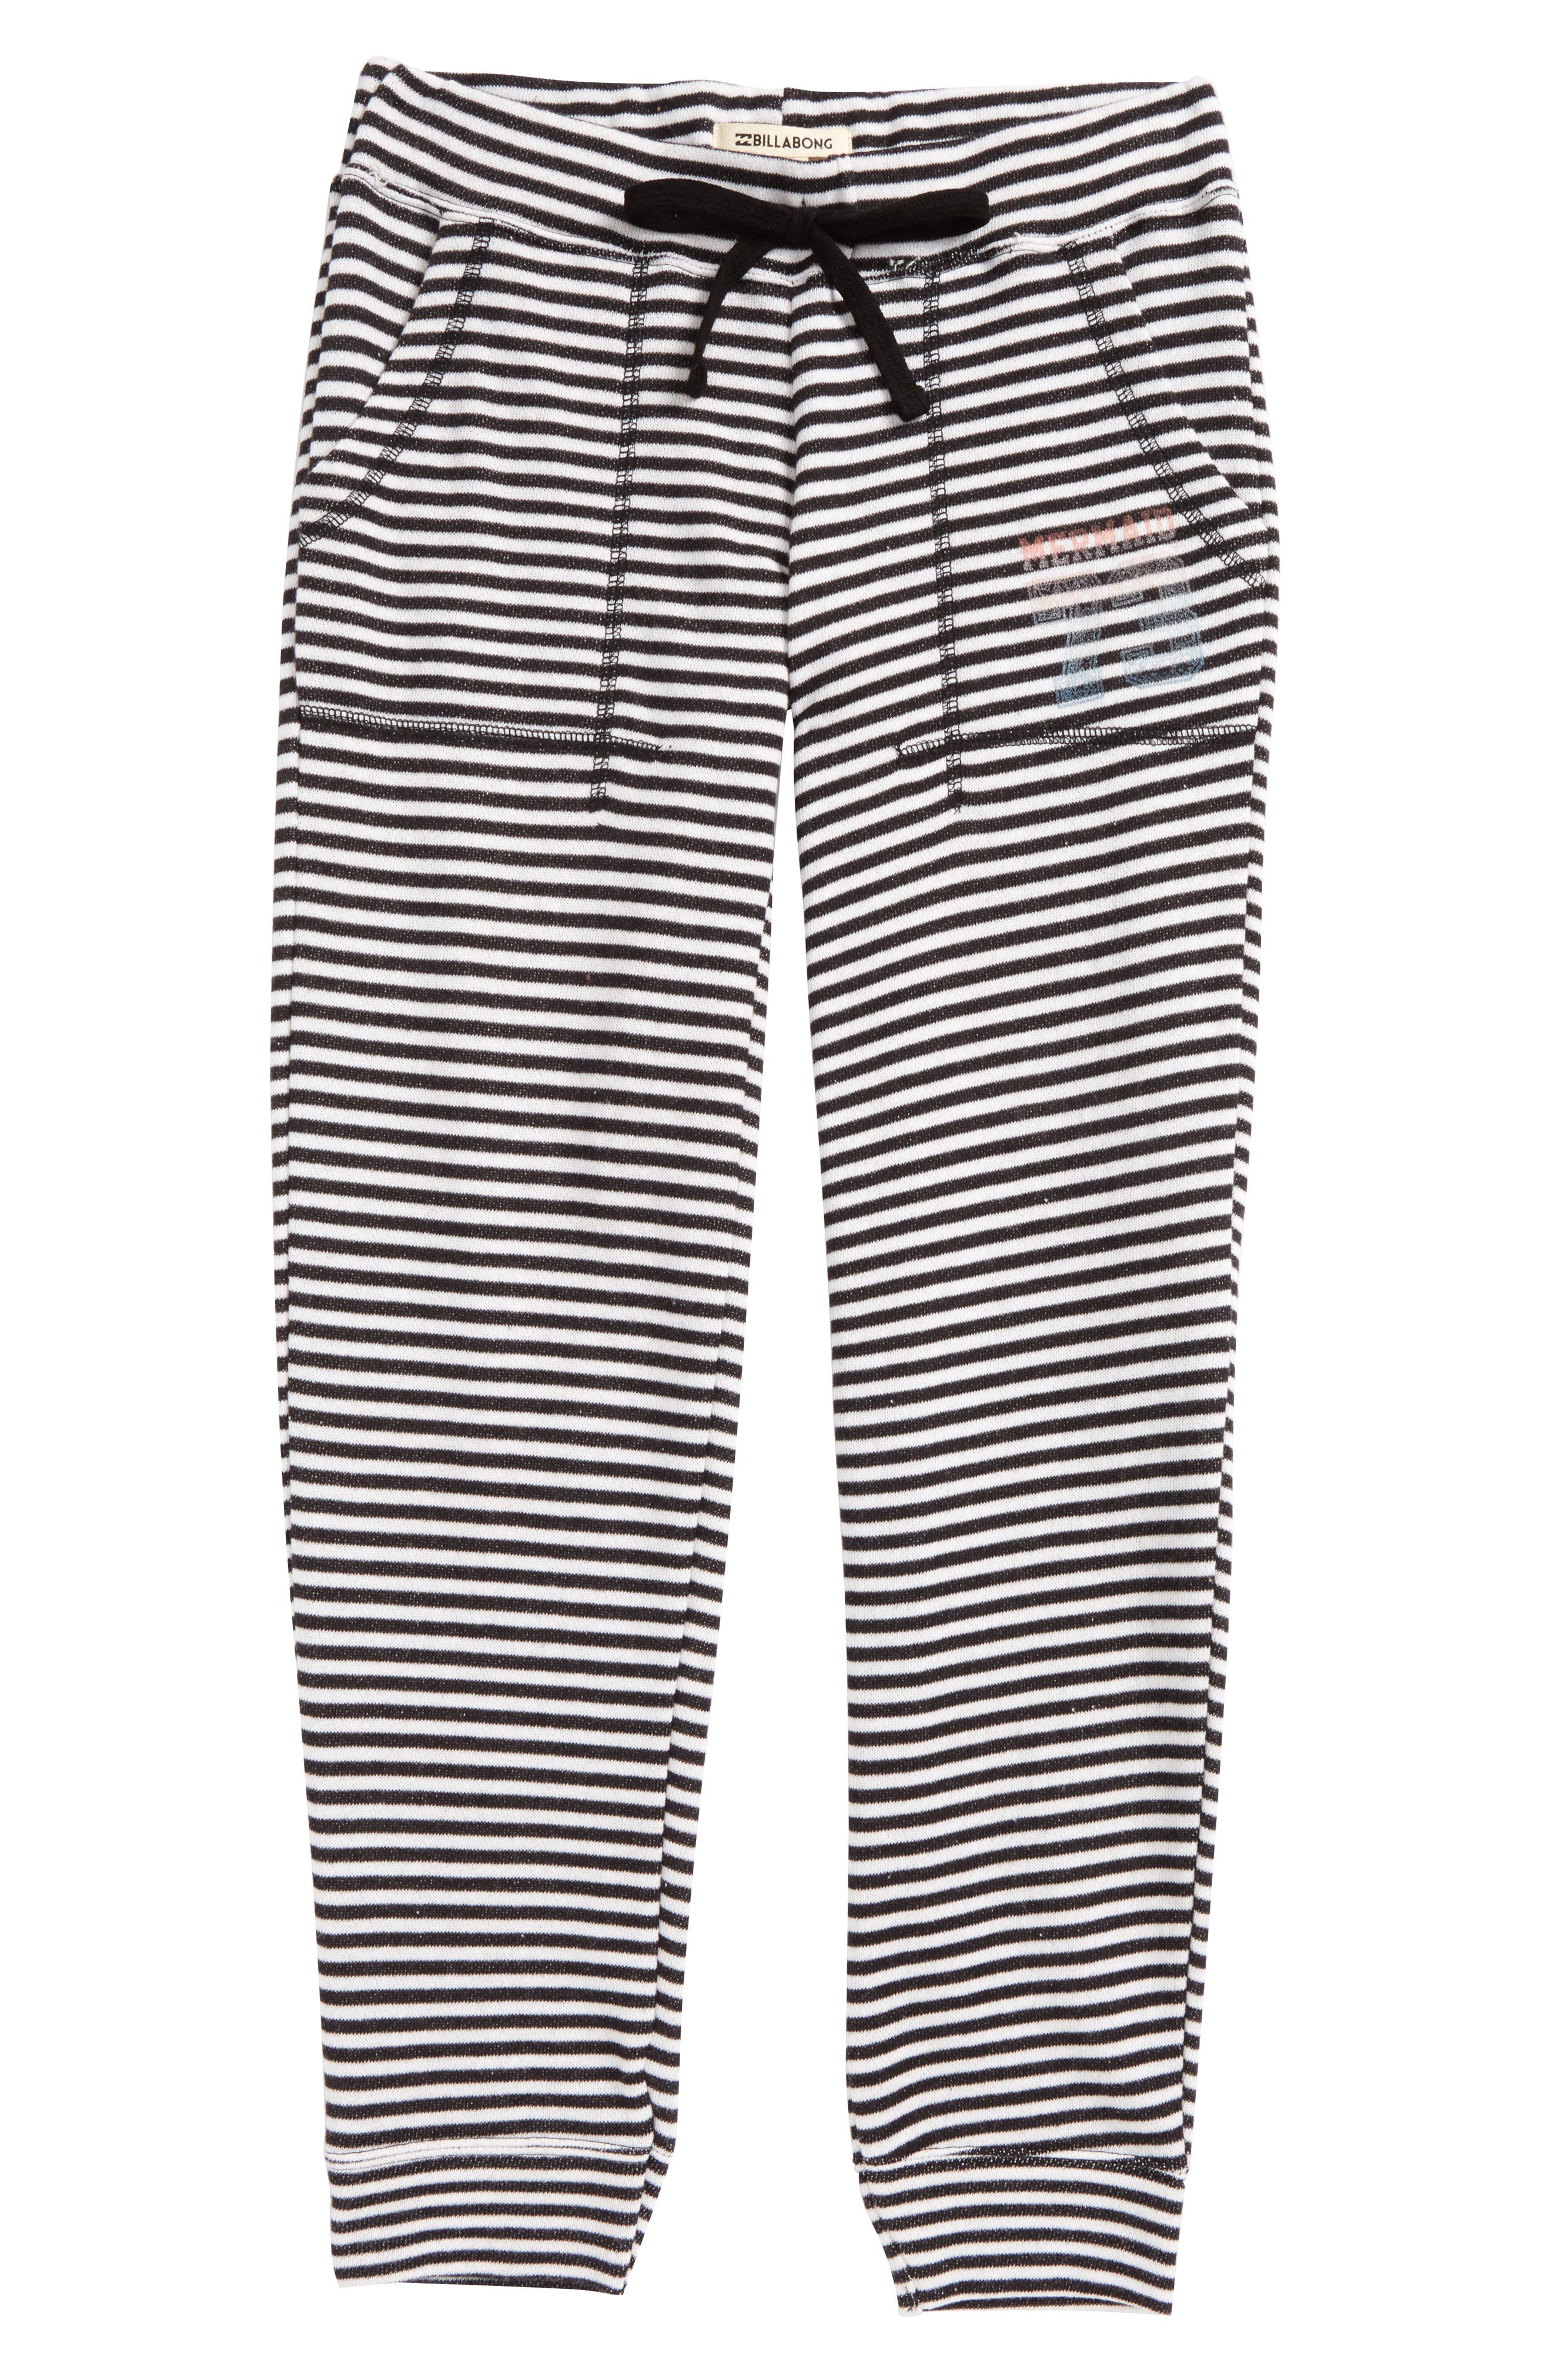 Safe Love Knit Pants,                         Main,                         color, 001